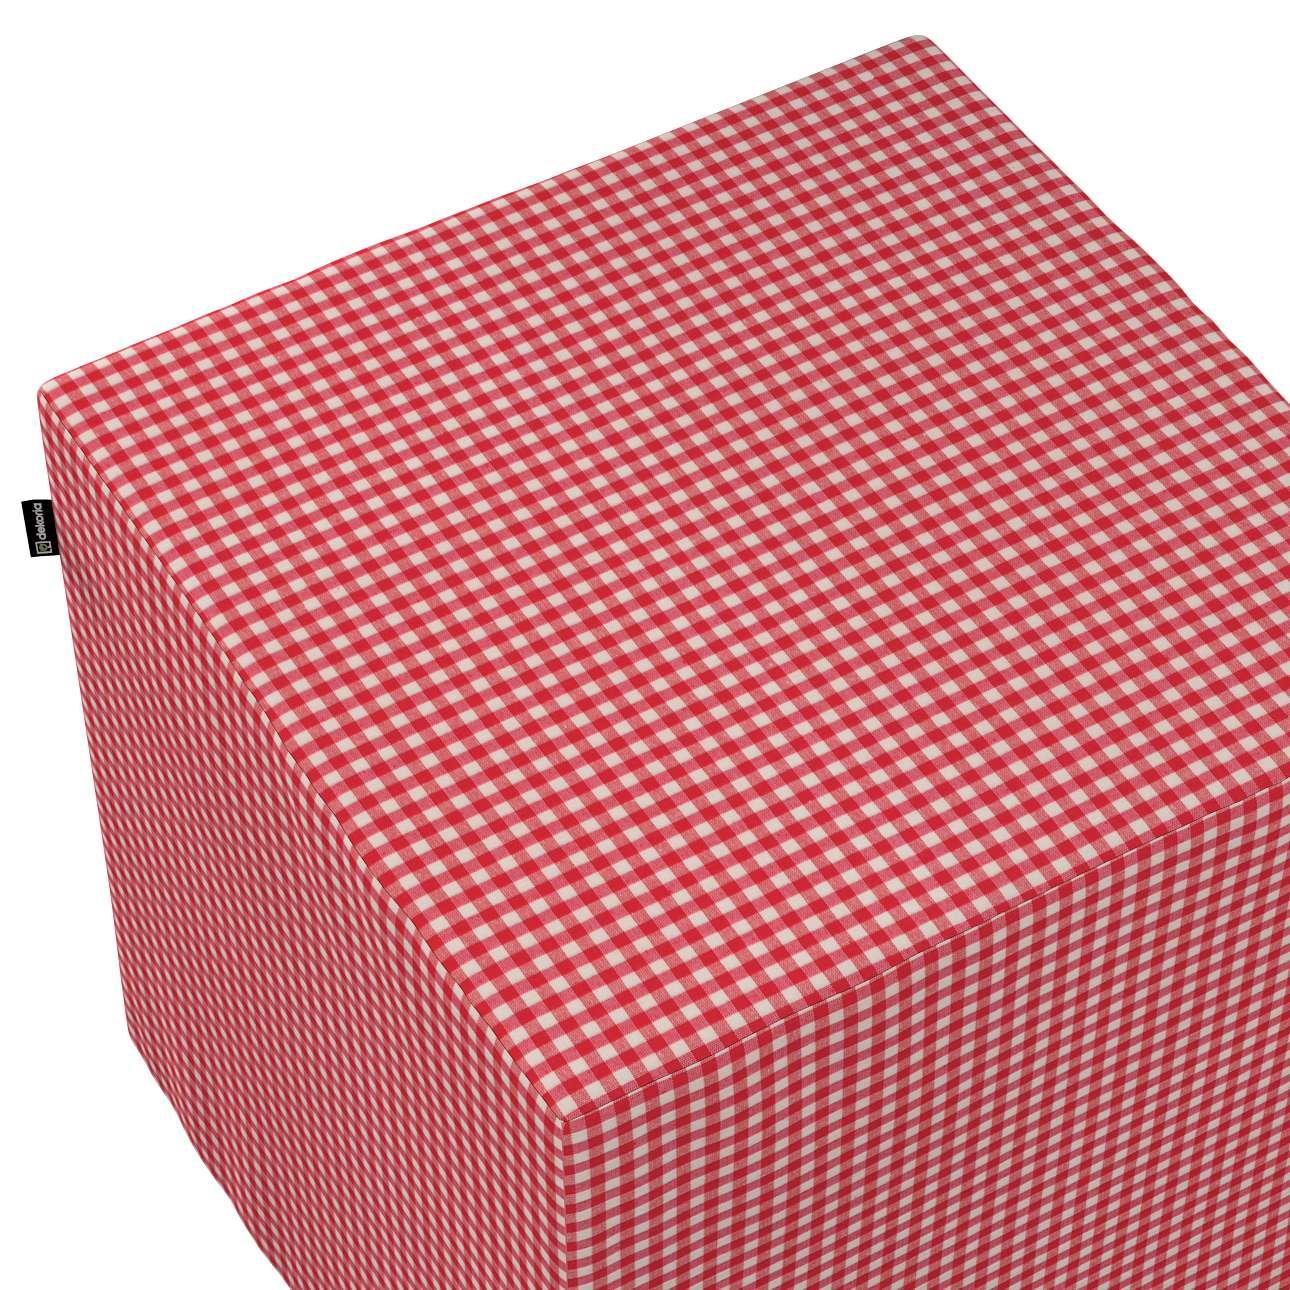 Pokrowiec na pufę kostkę w kolekcji Quadro, tkanina: 136-15